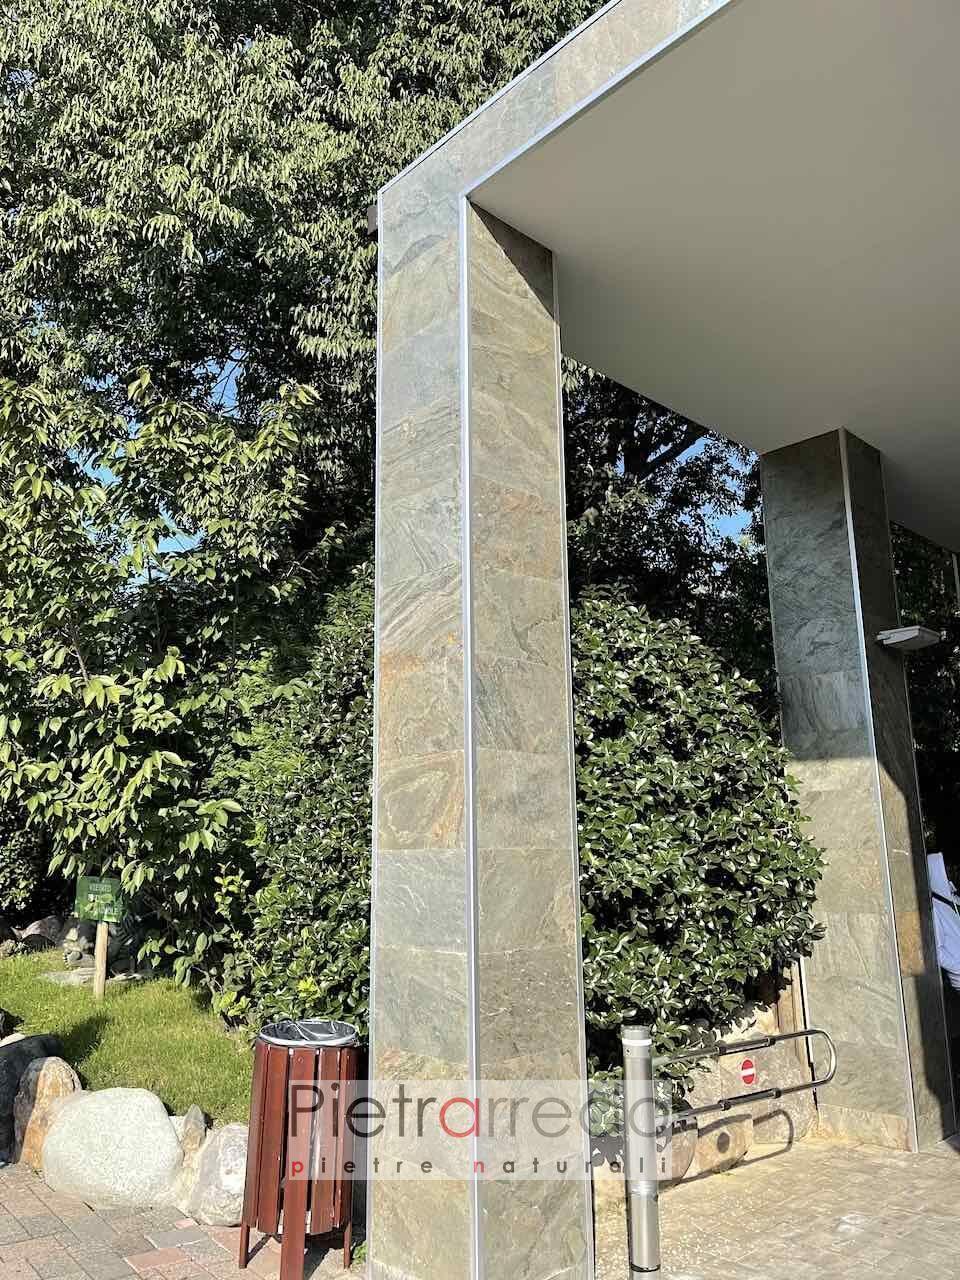 offerta e prezzo parete in pietra naturale stone sheet veneer pietrarredo milano prezzo